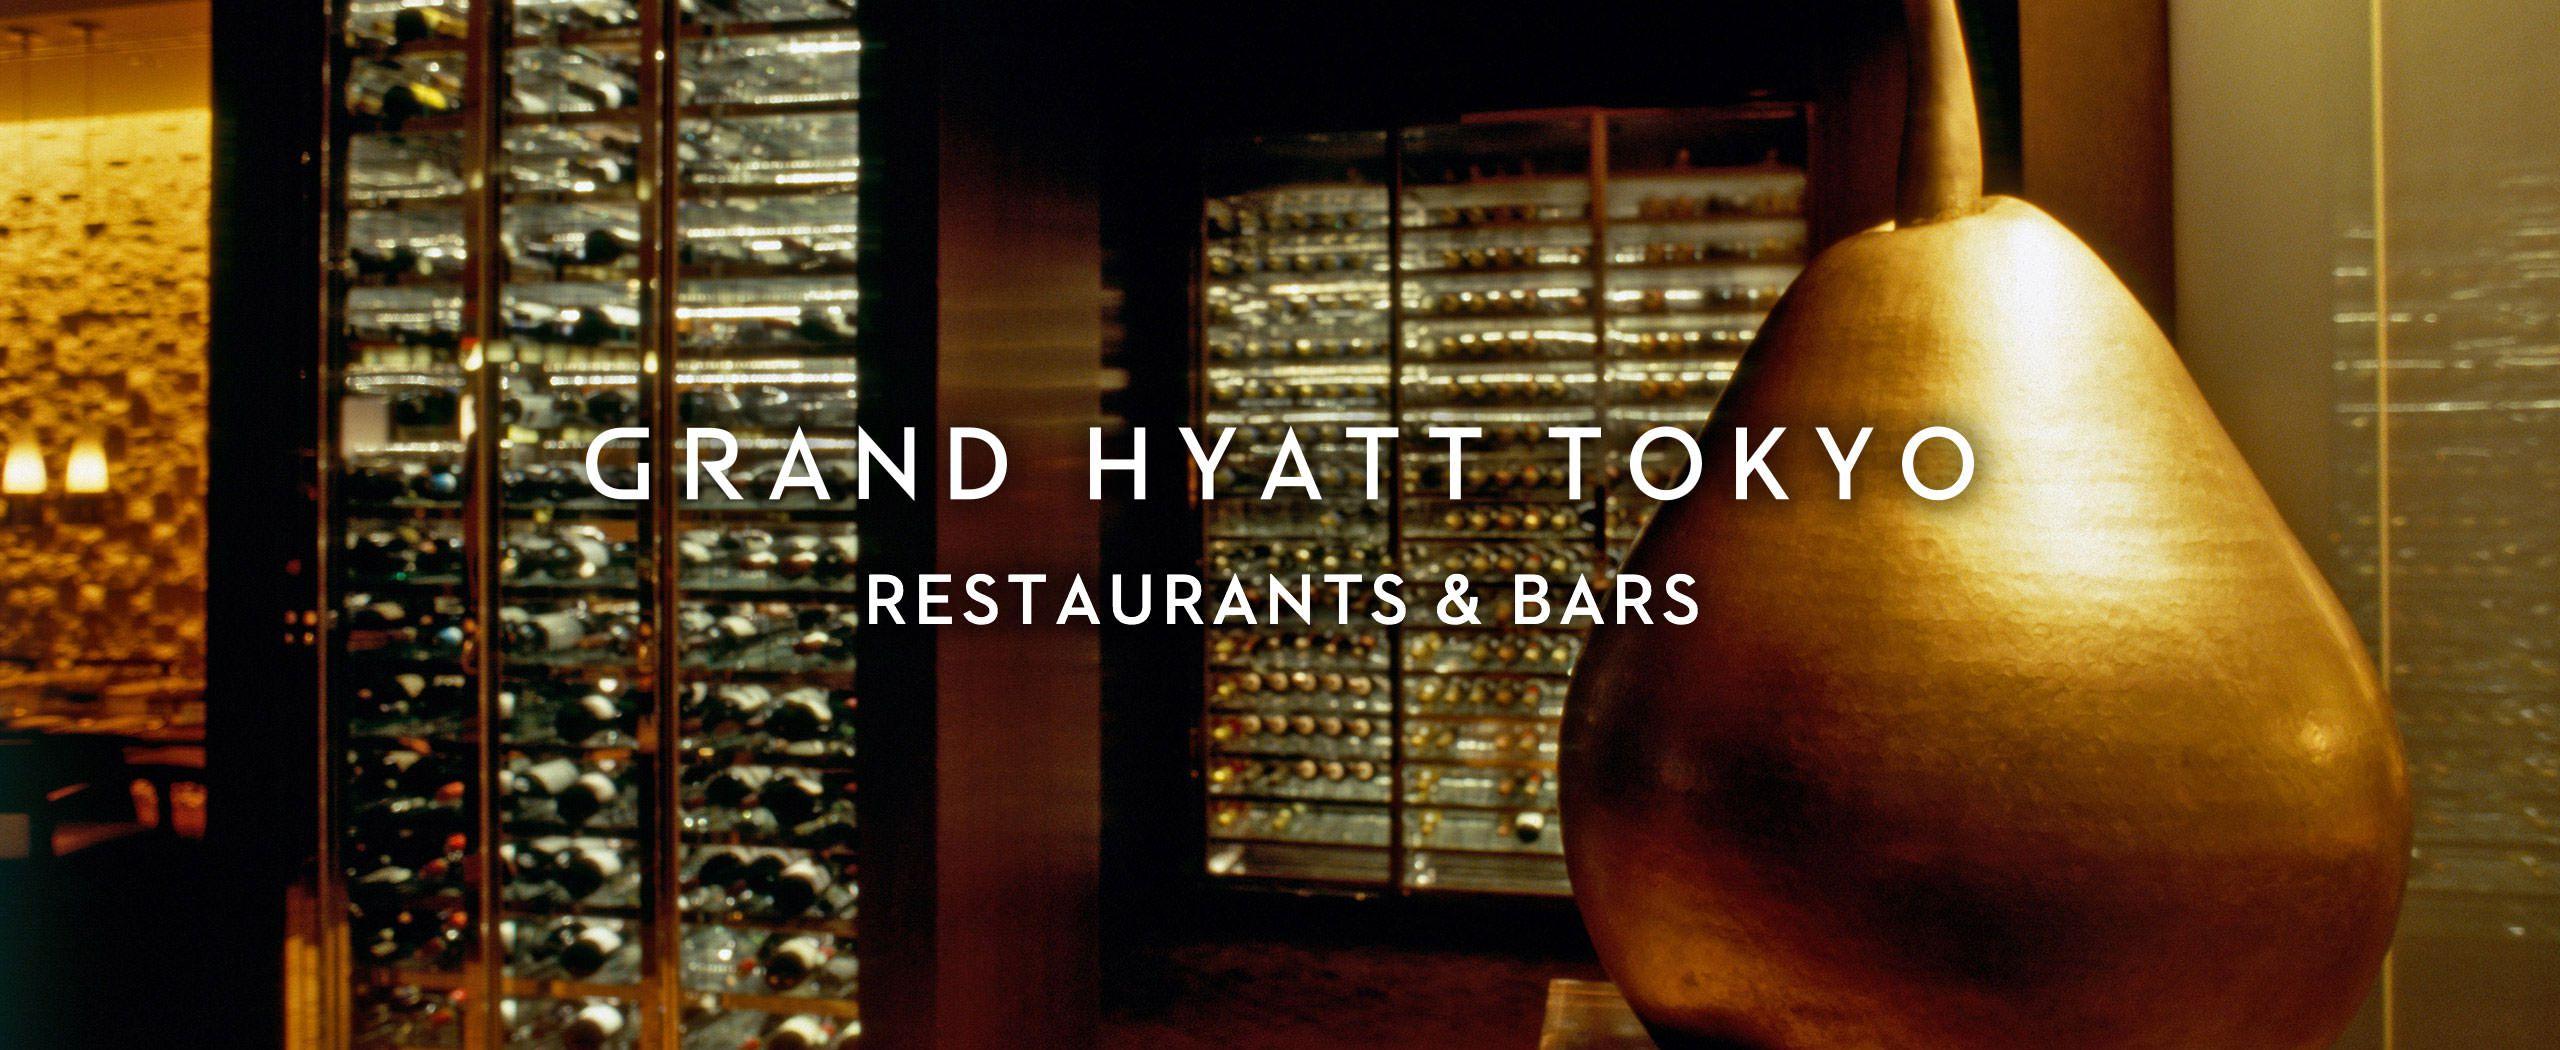 六本木の高級ホテル・レストラン グランド ハイアット 東京